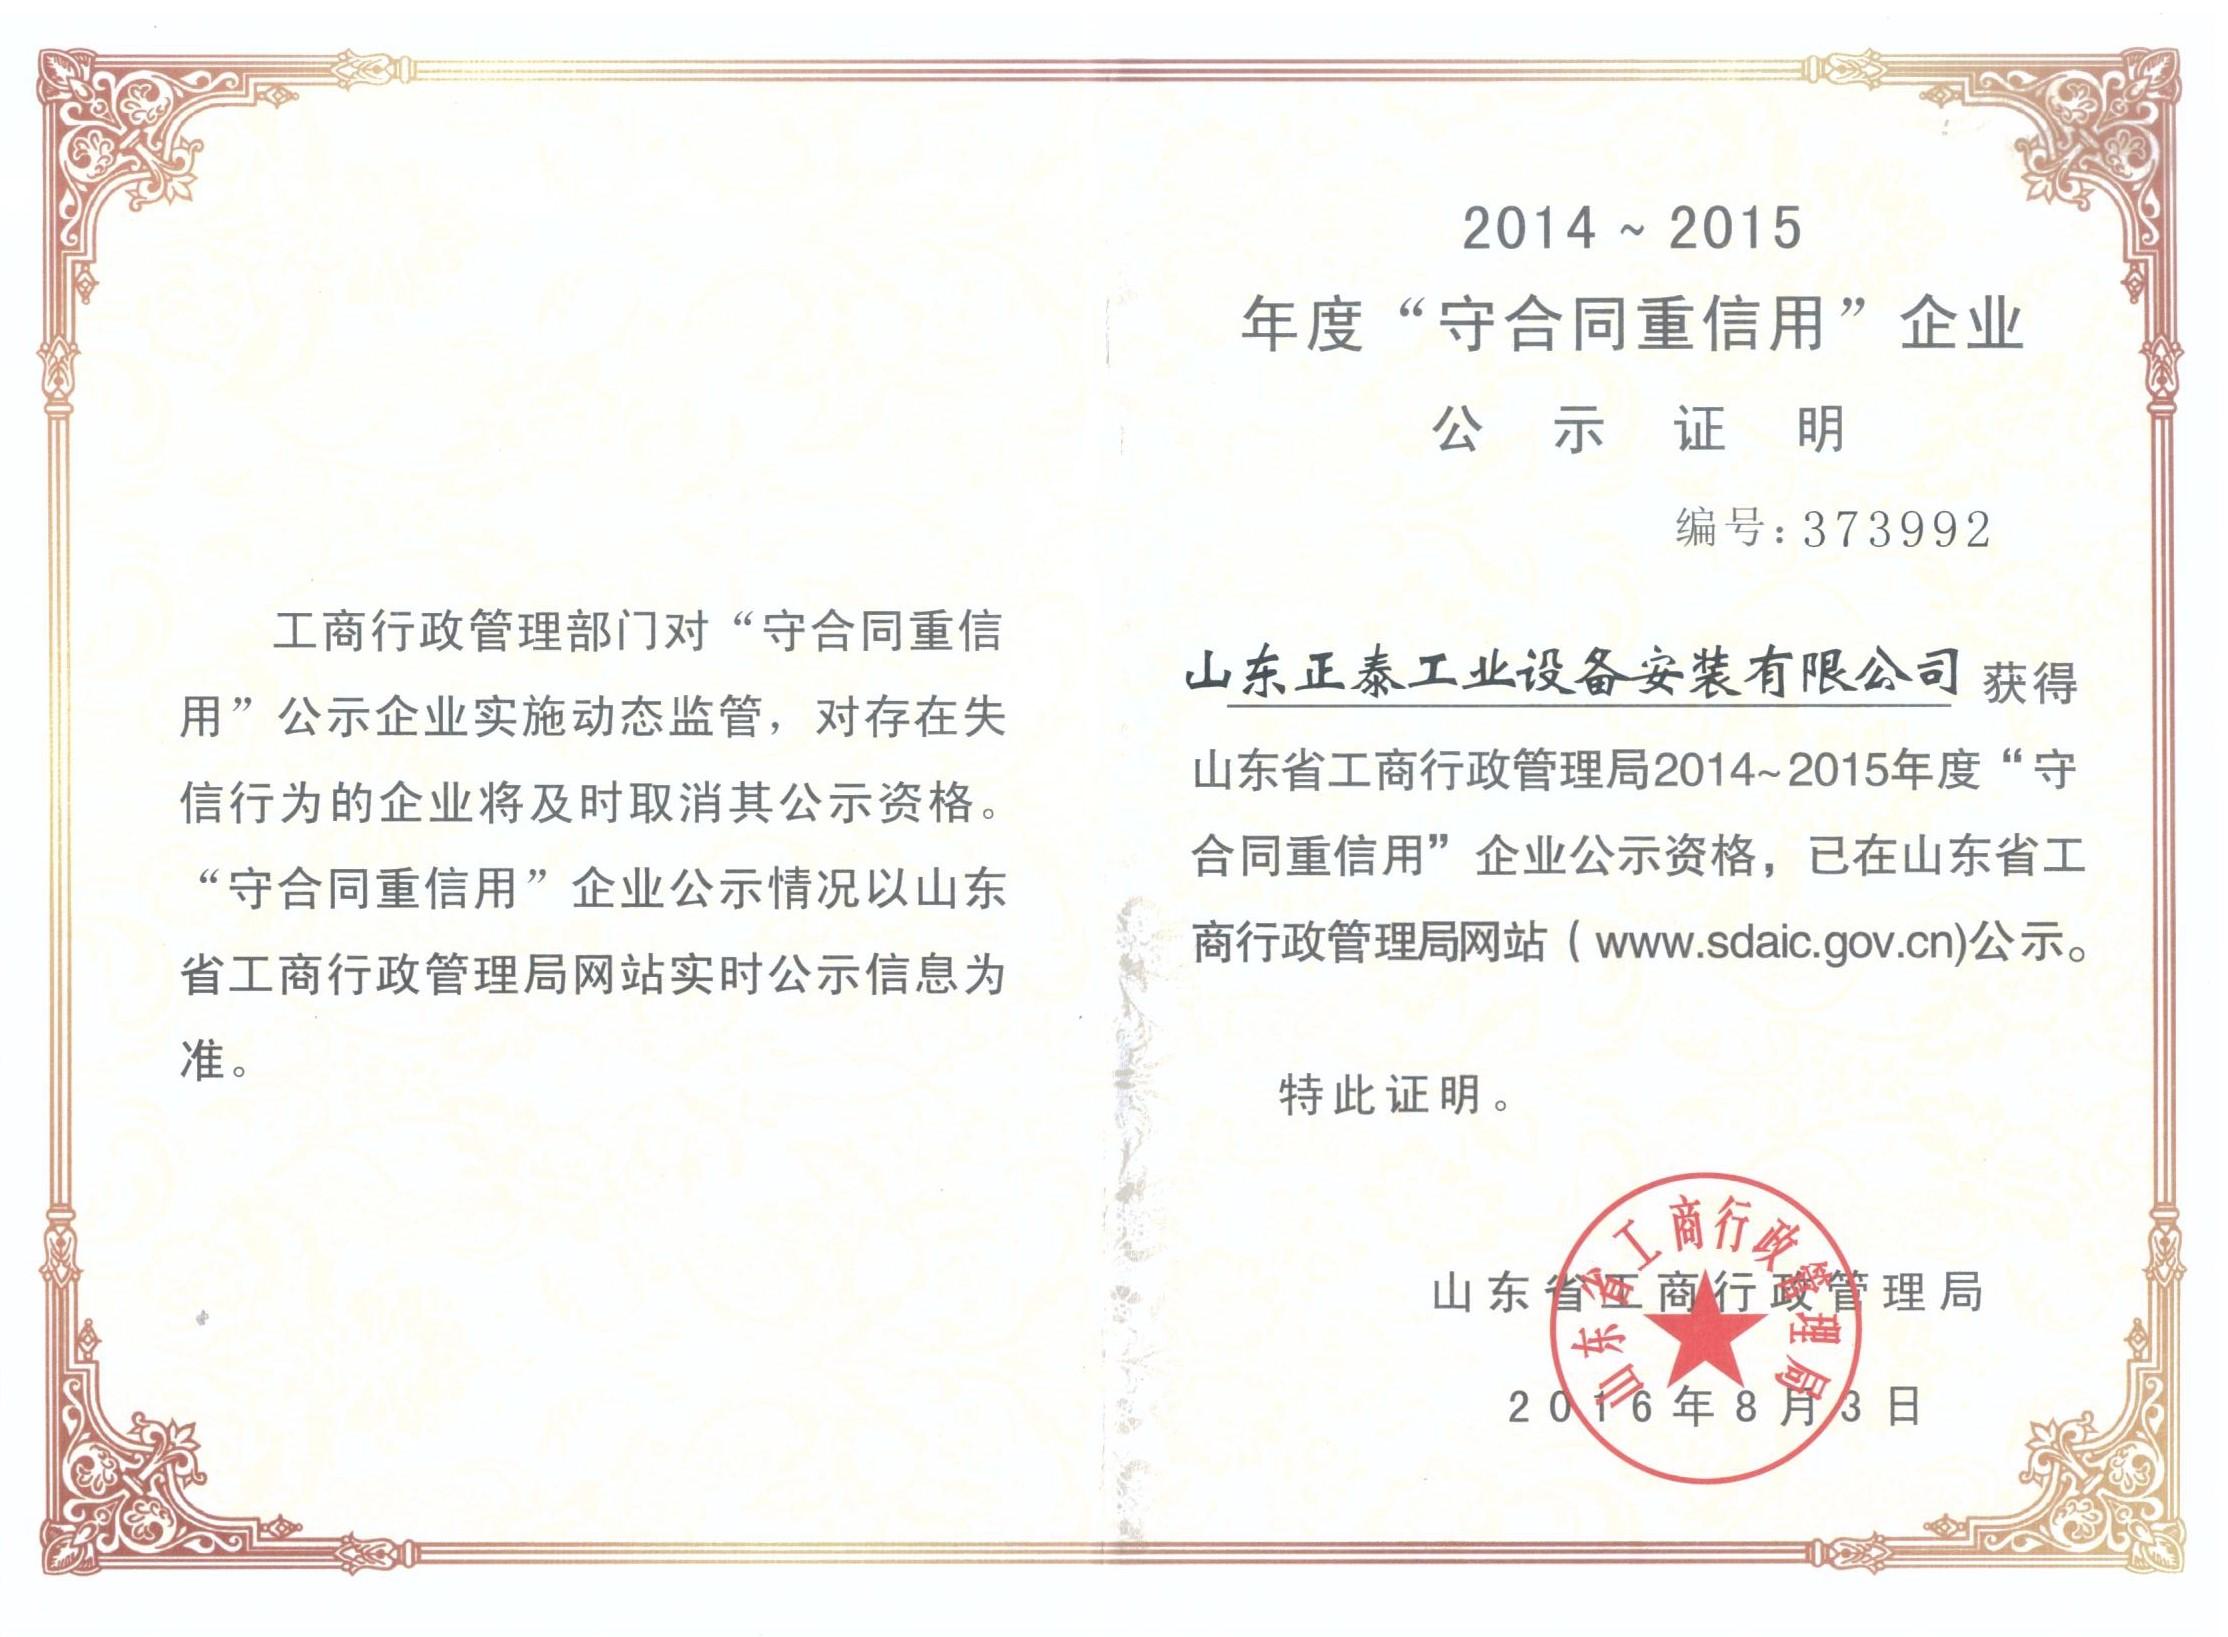 2014-2015年度守合同重信用